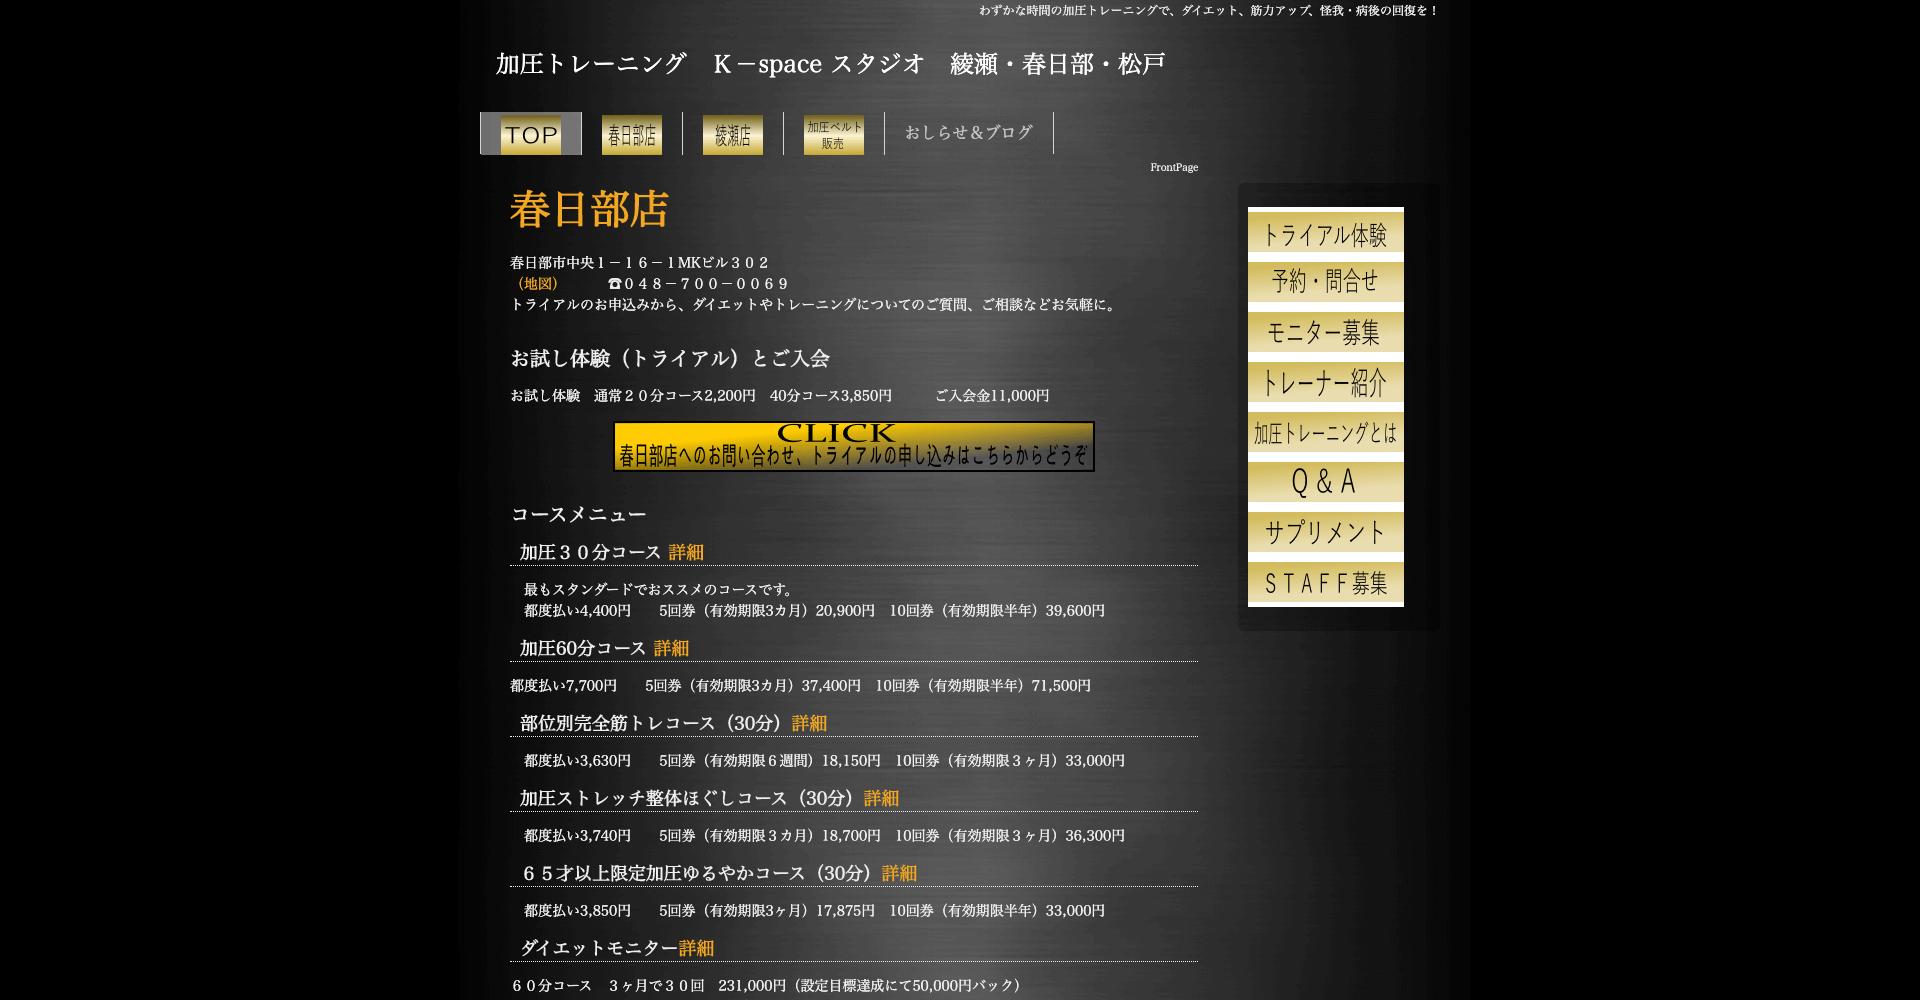 k-space春日部